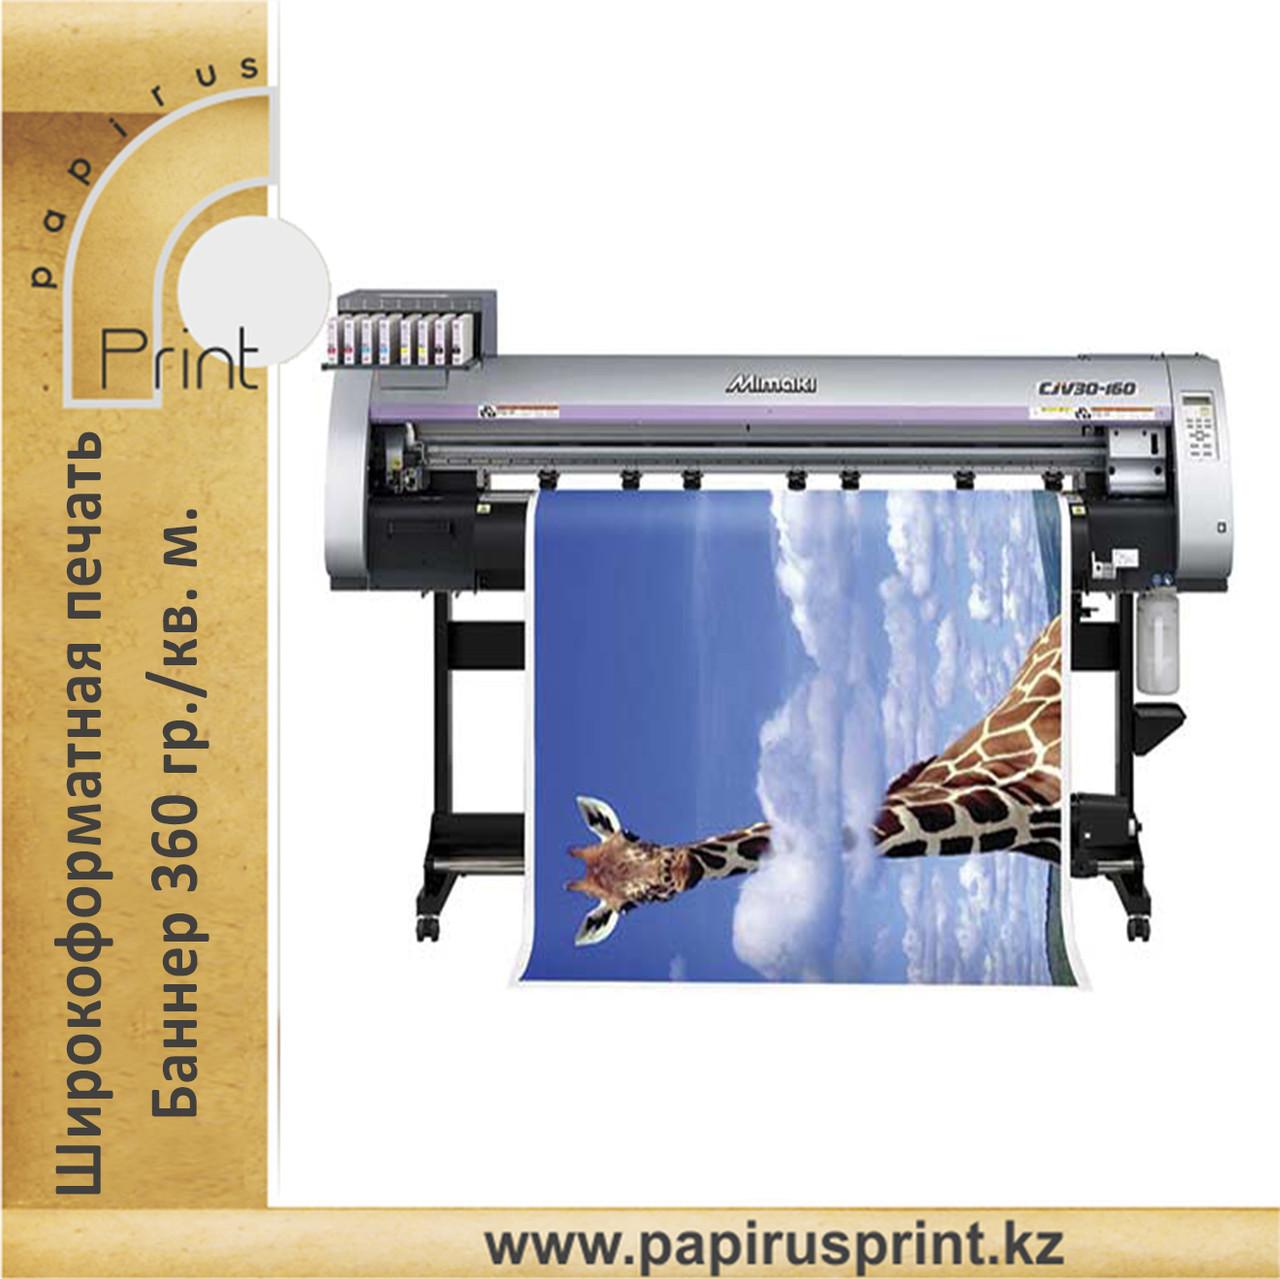 Печать Баннера 360 гр./кв.м., 400 гр./кв.м., 440 гр./кв.м.